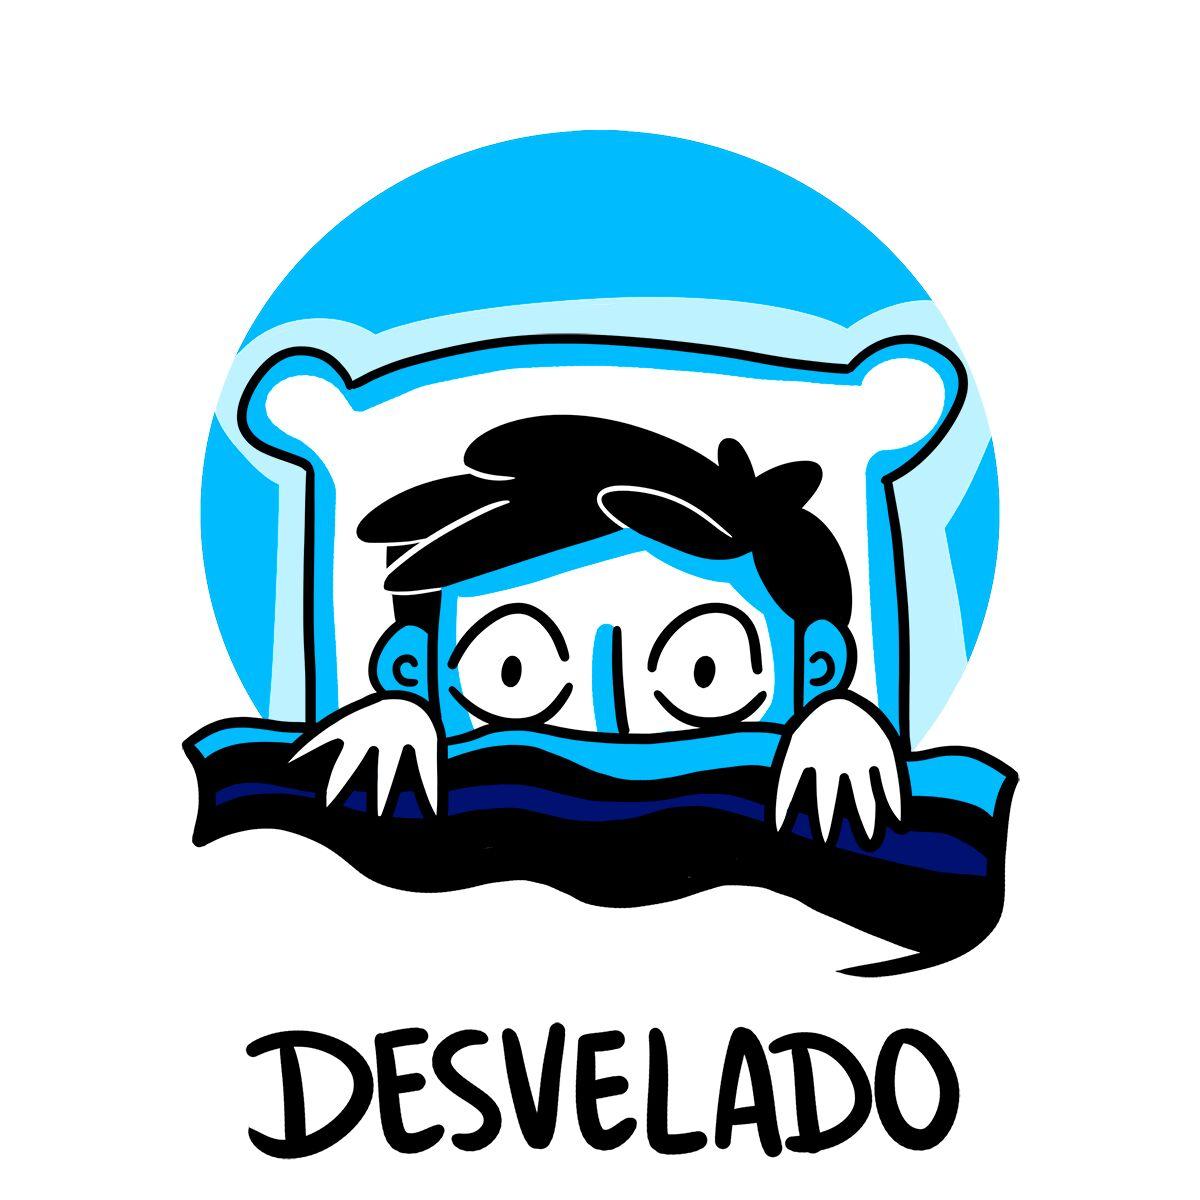 palavras em espanhol desvelado